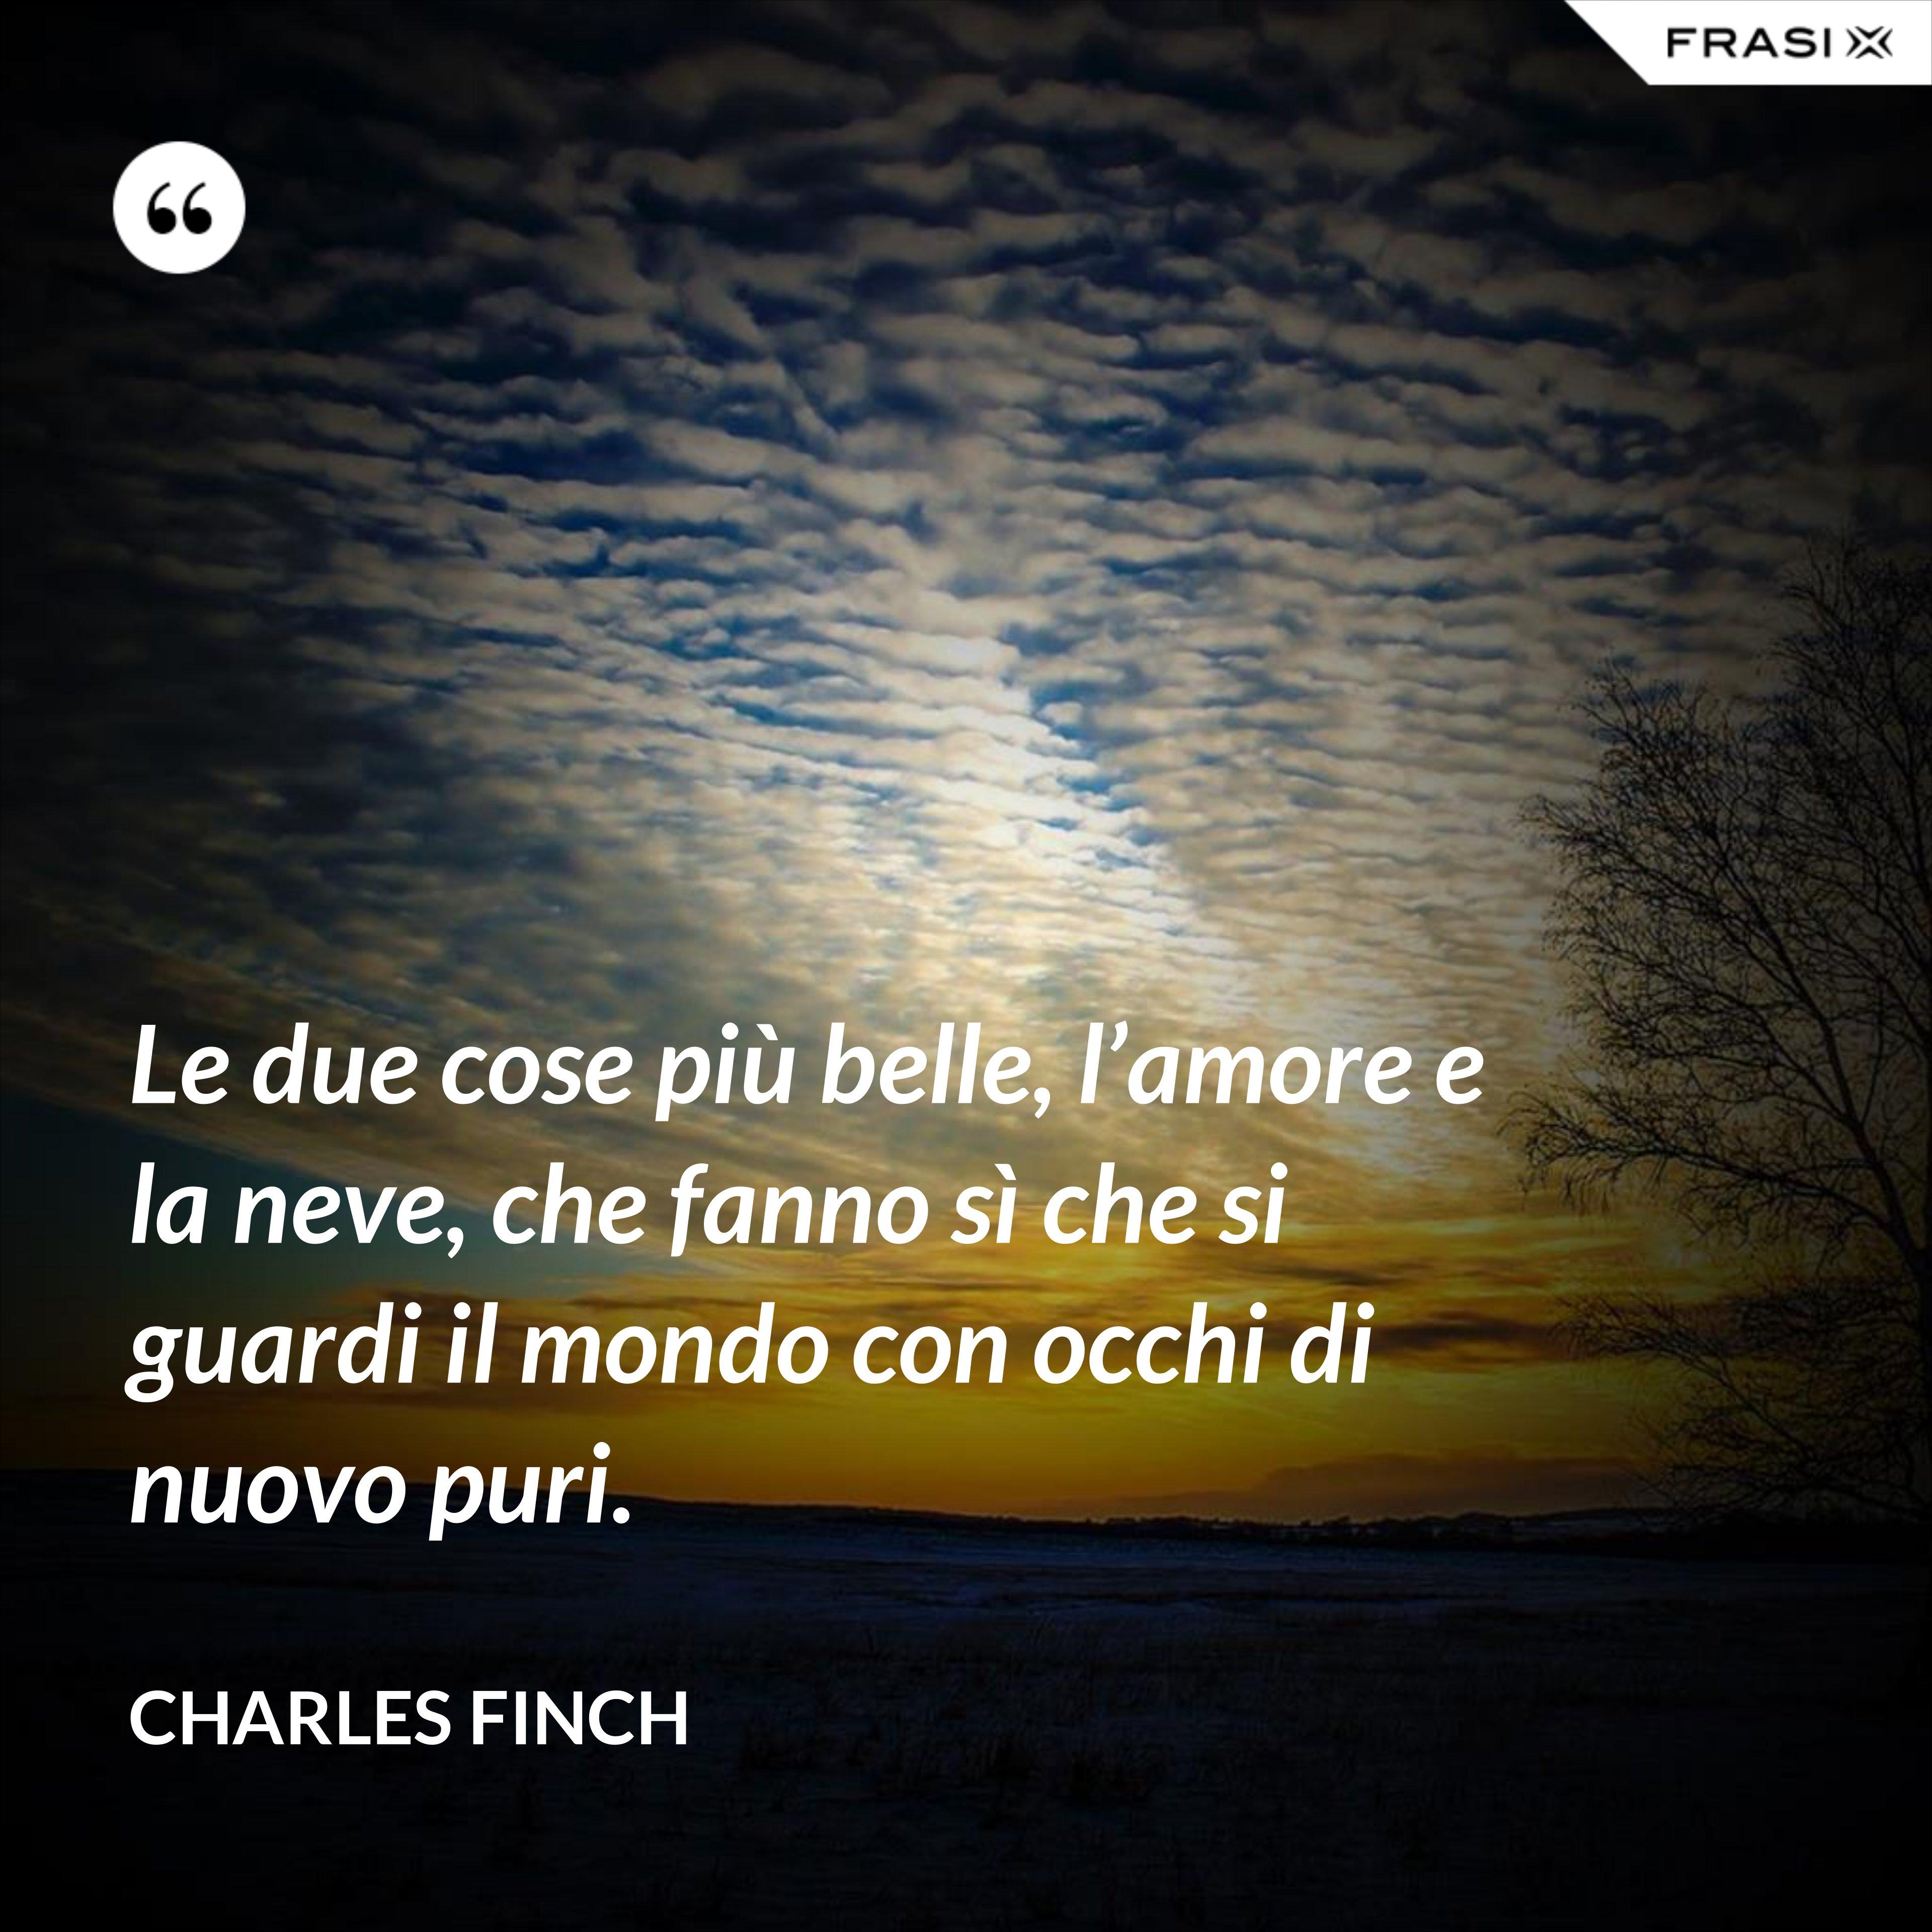 Le due cose più belle, l'amore e la neve, che fanno sì che si guardi il mondo con occhi di nuovo puri. - Charles Finch